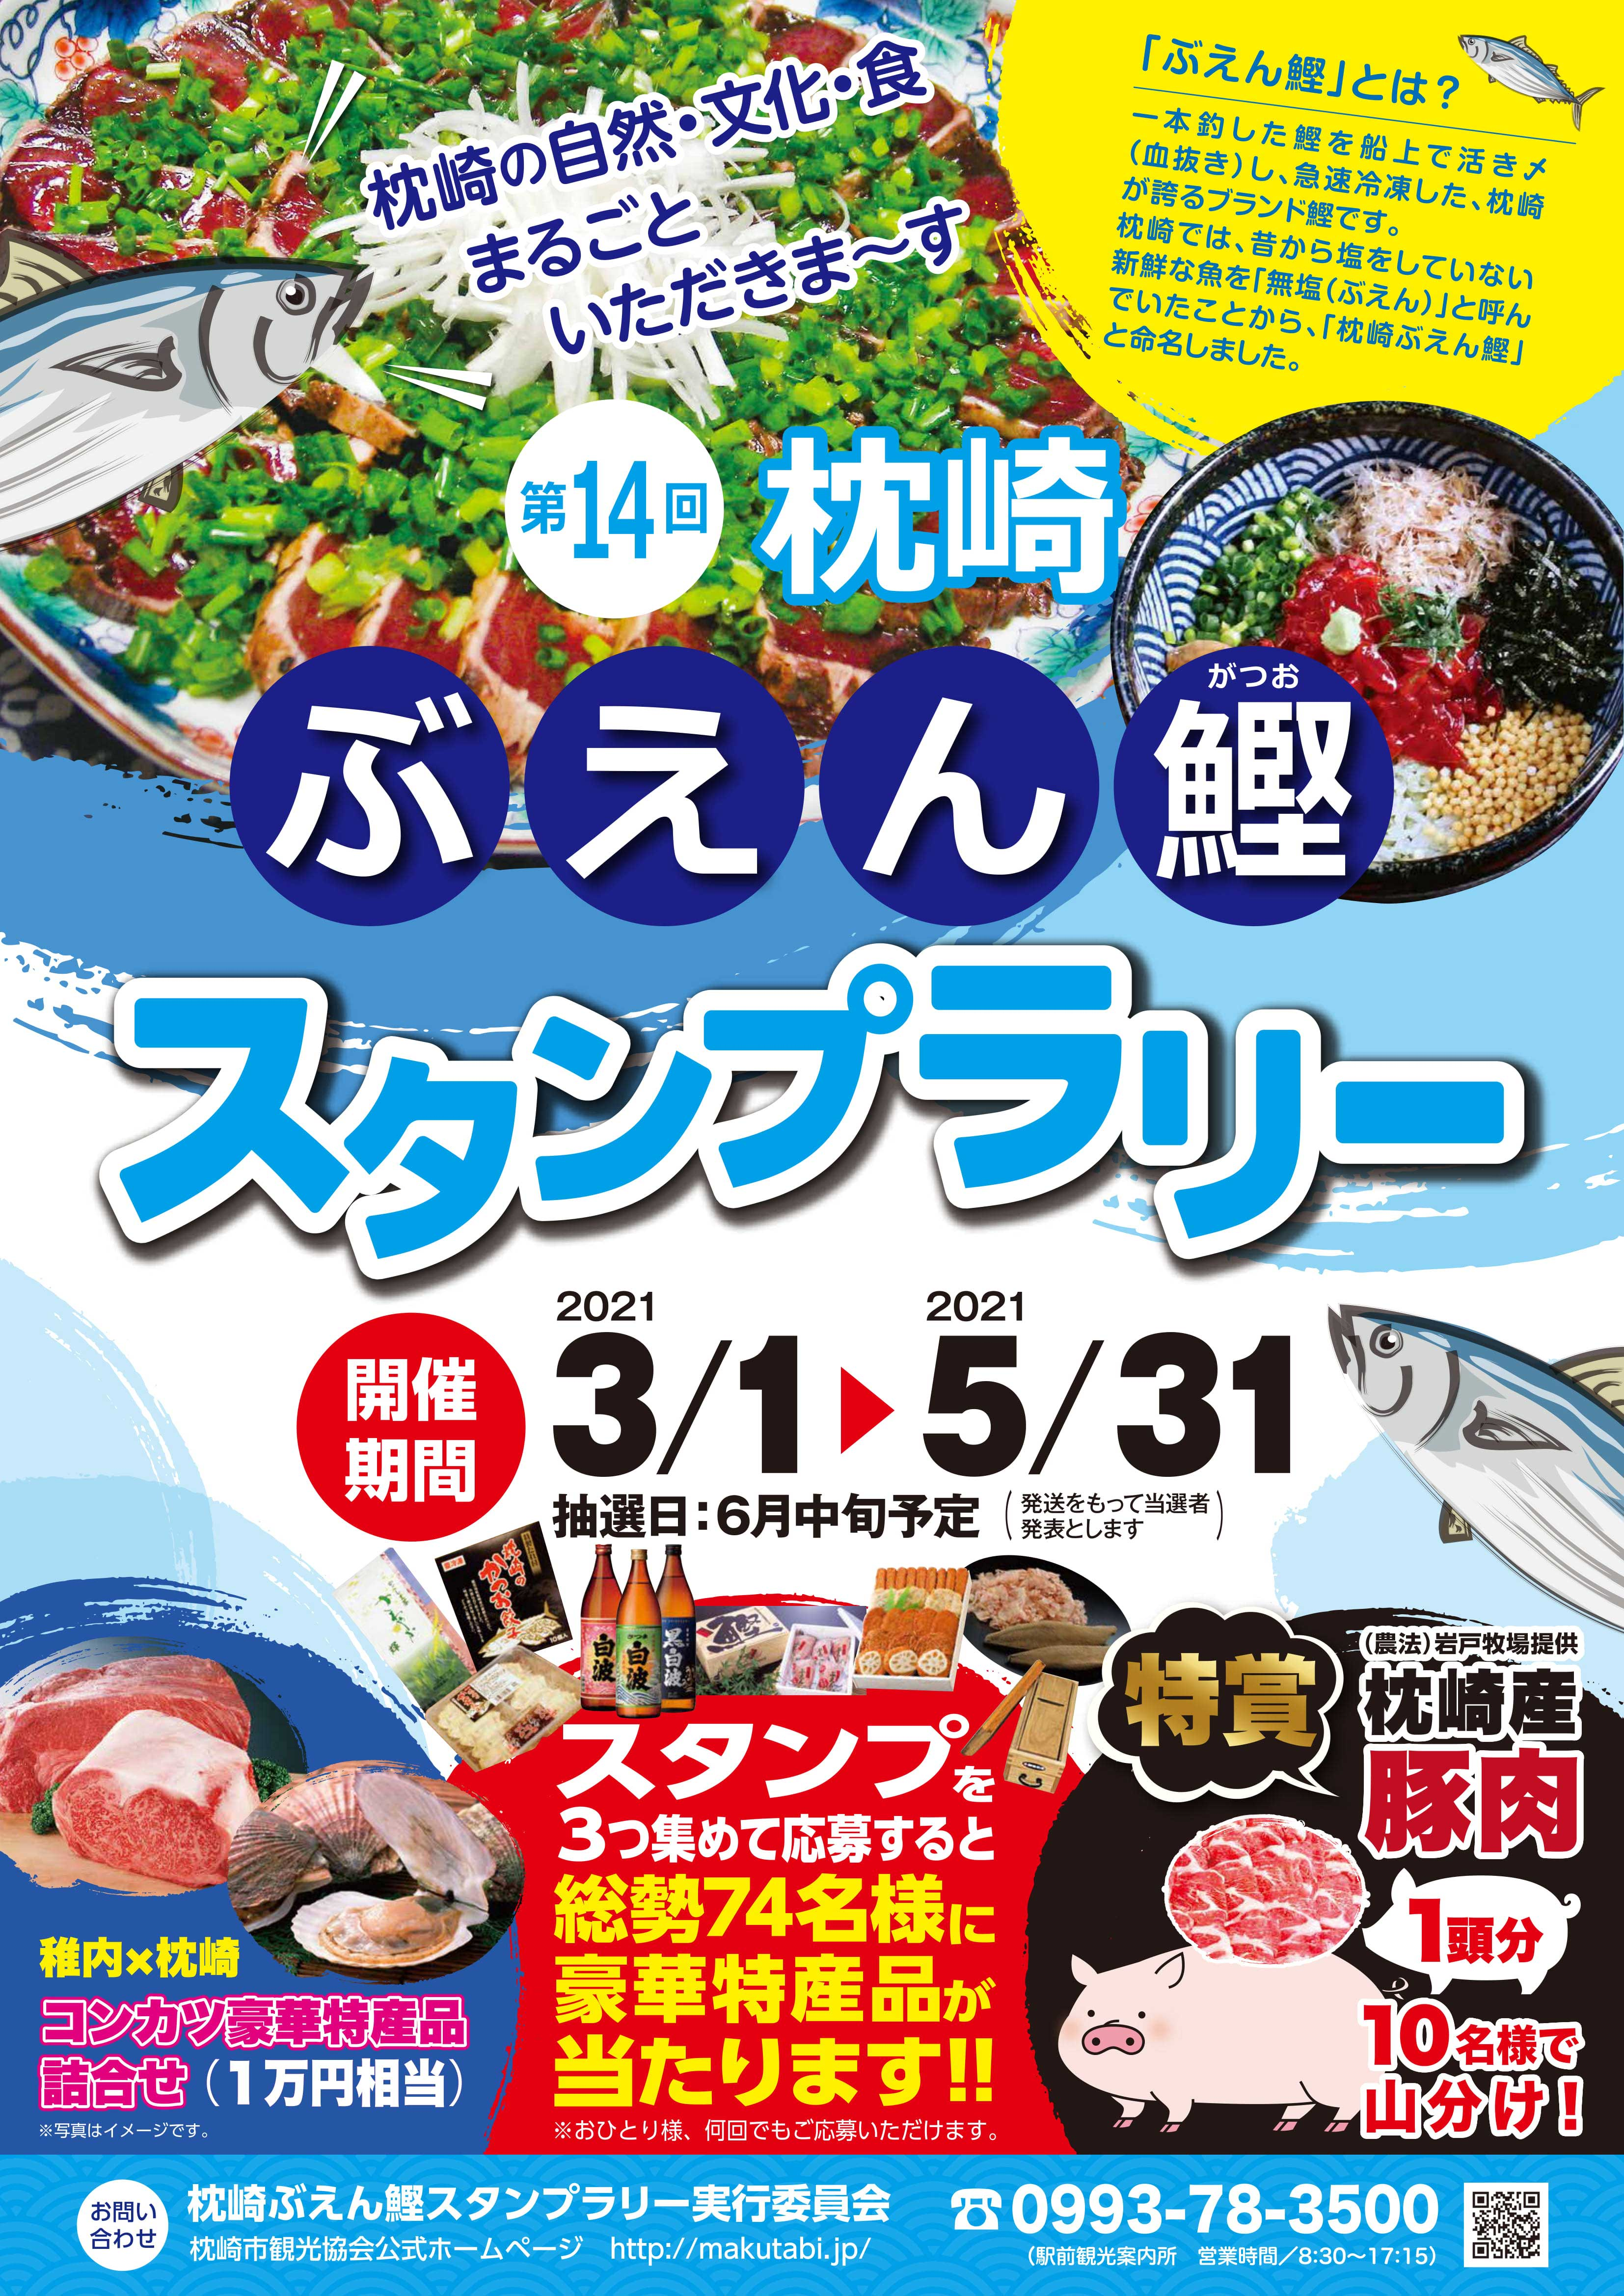 【枕崎市】第14回 枕崎ぶえん鰹スタンプラリー